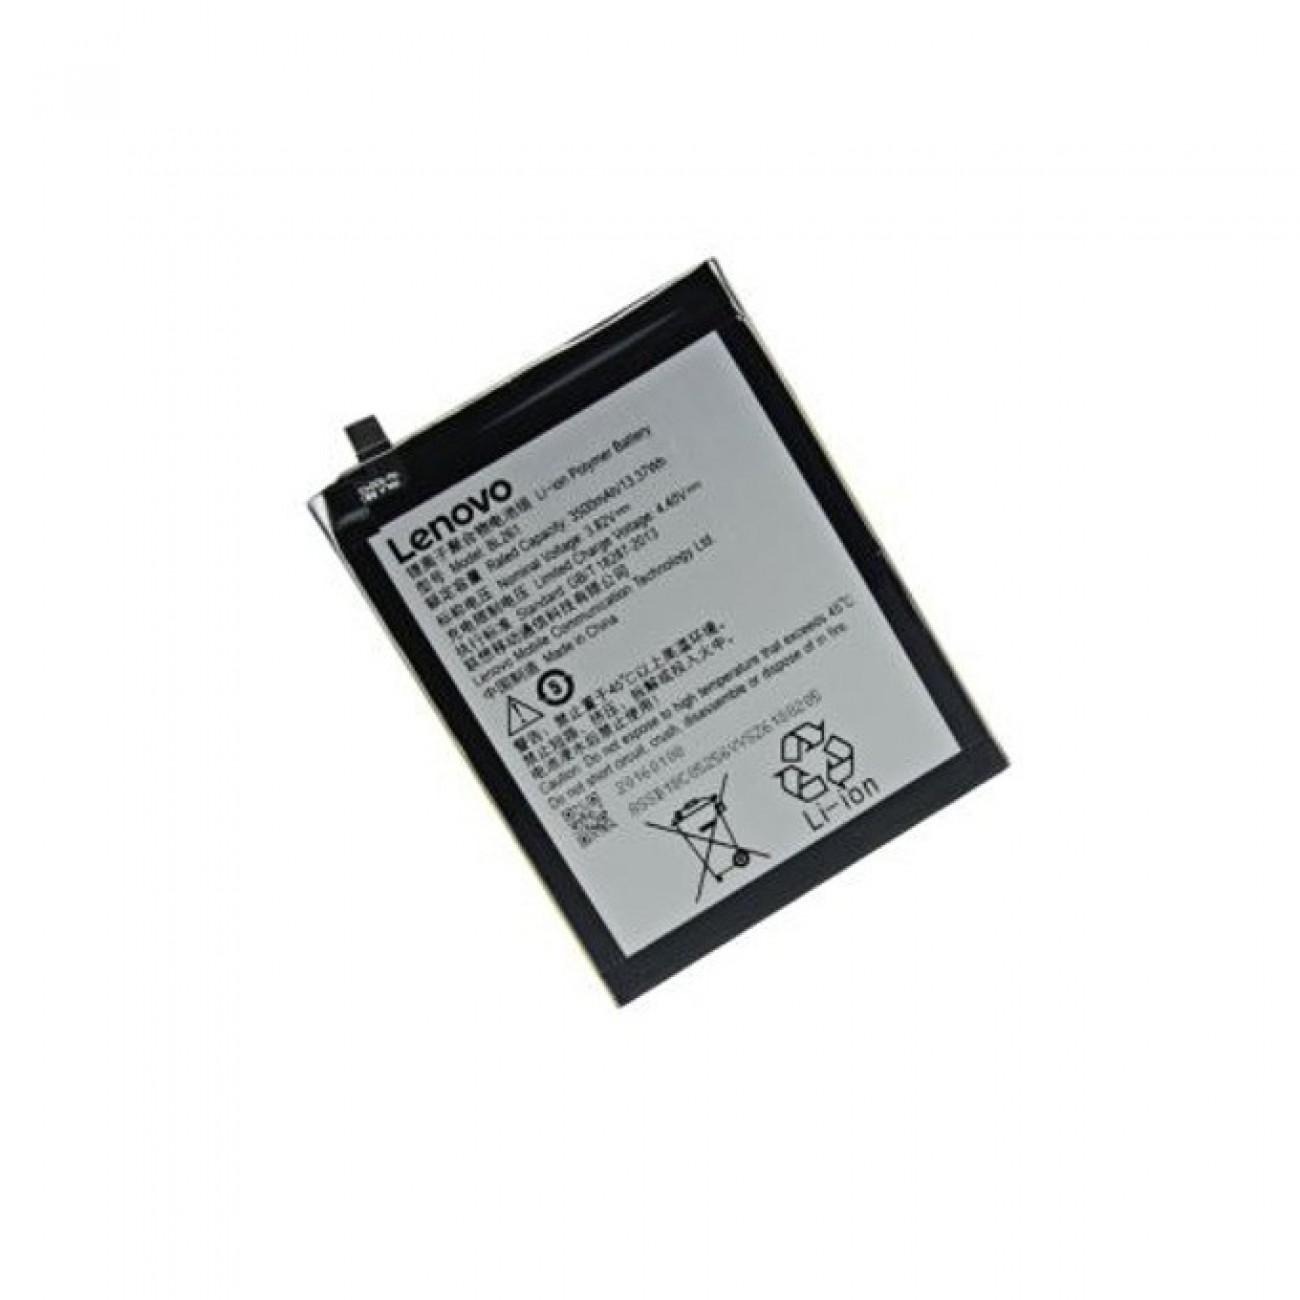 Батерия (заместител) за Lenovo Vibe K5 Note, 3500mAh/3.82 V в Батерии за Телефони, Таблети -  | Alleop